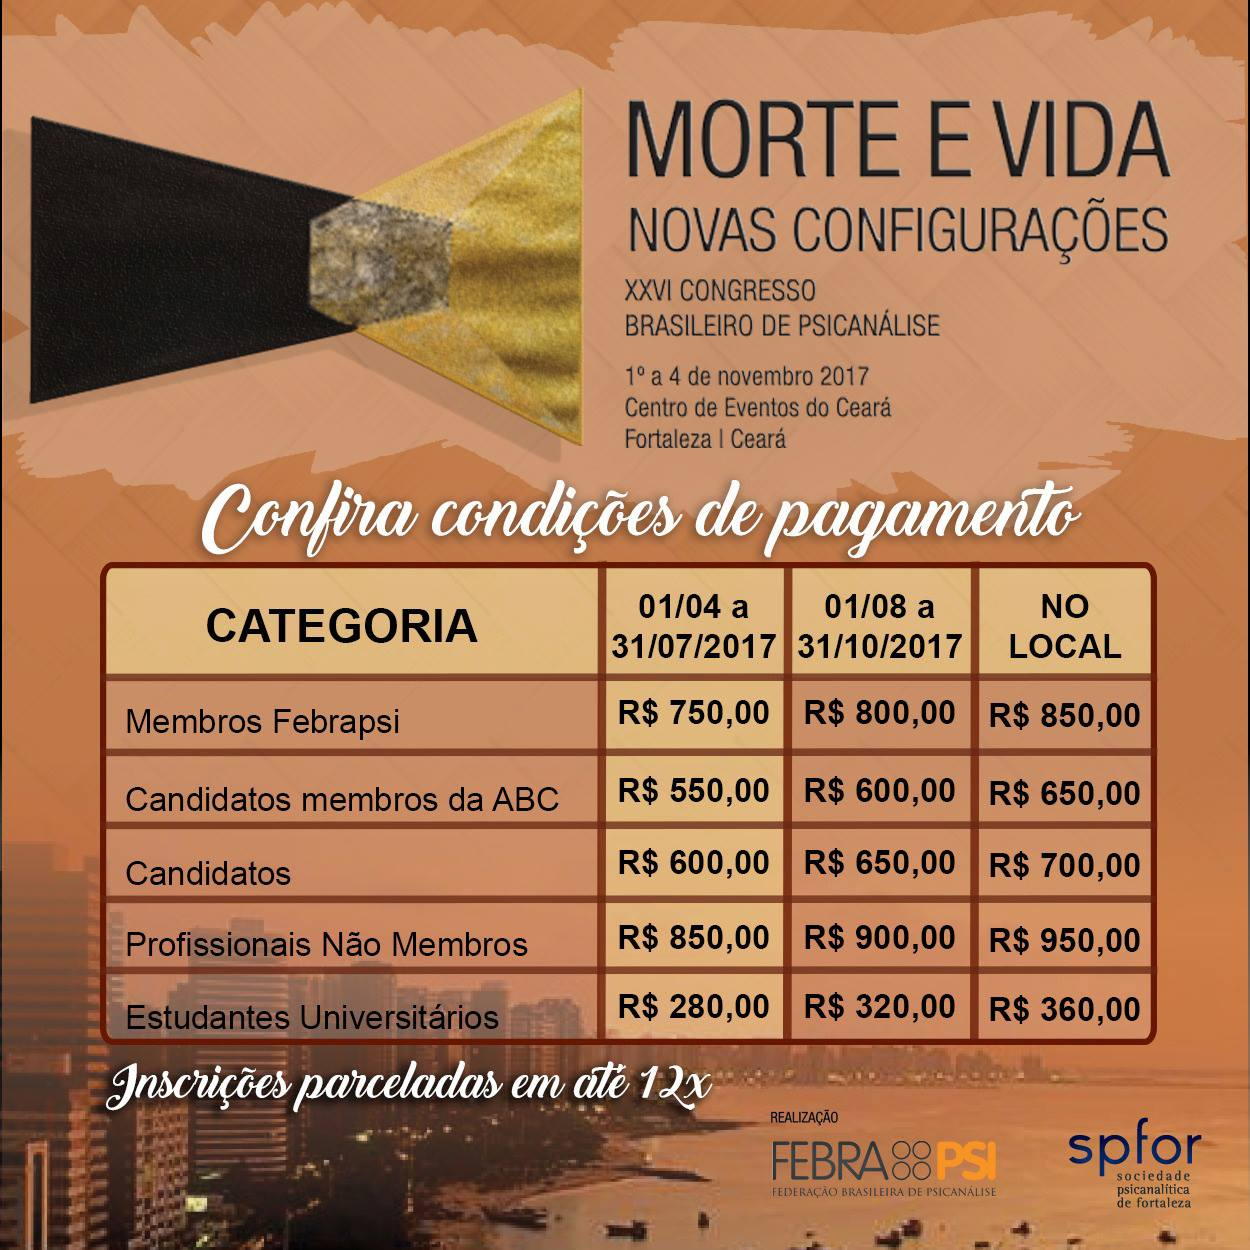 Congresso Brasileiro de Psicanálise